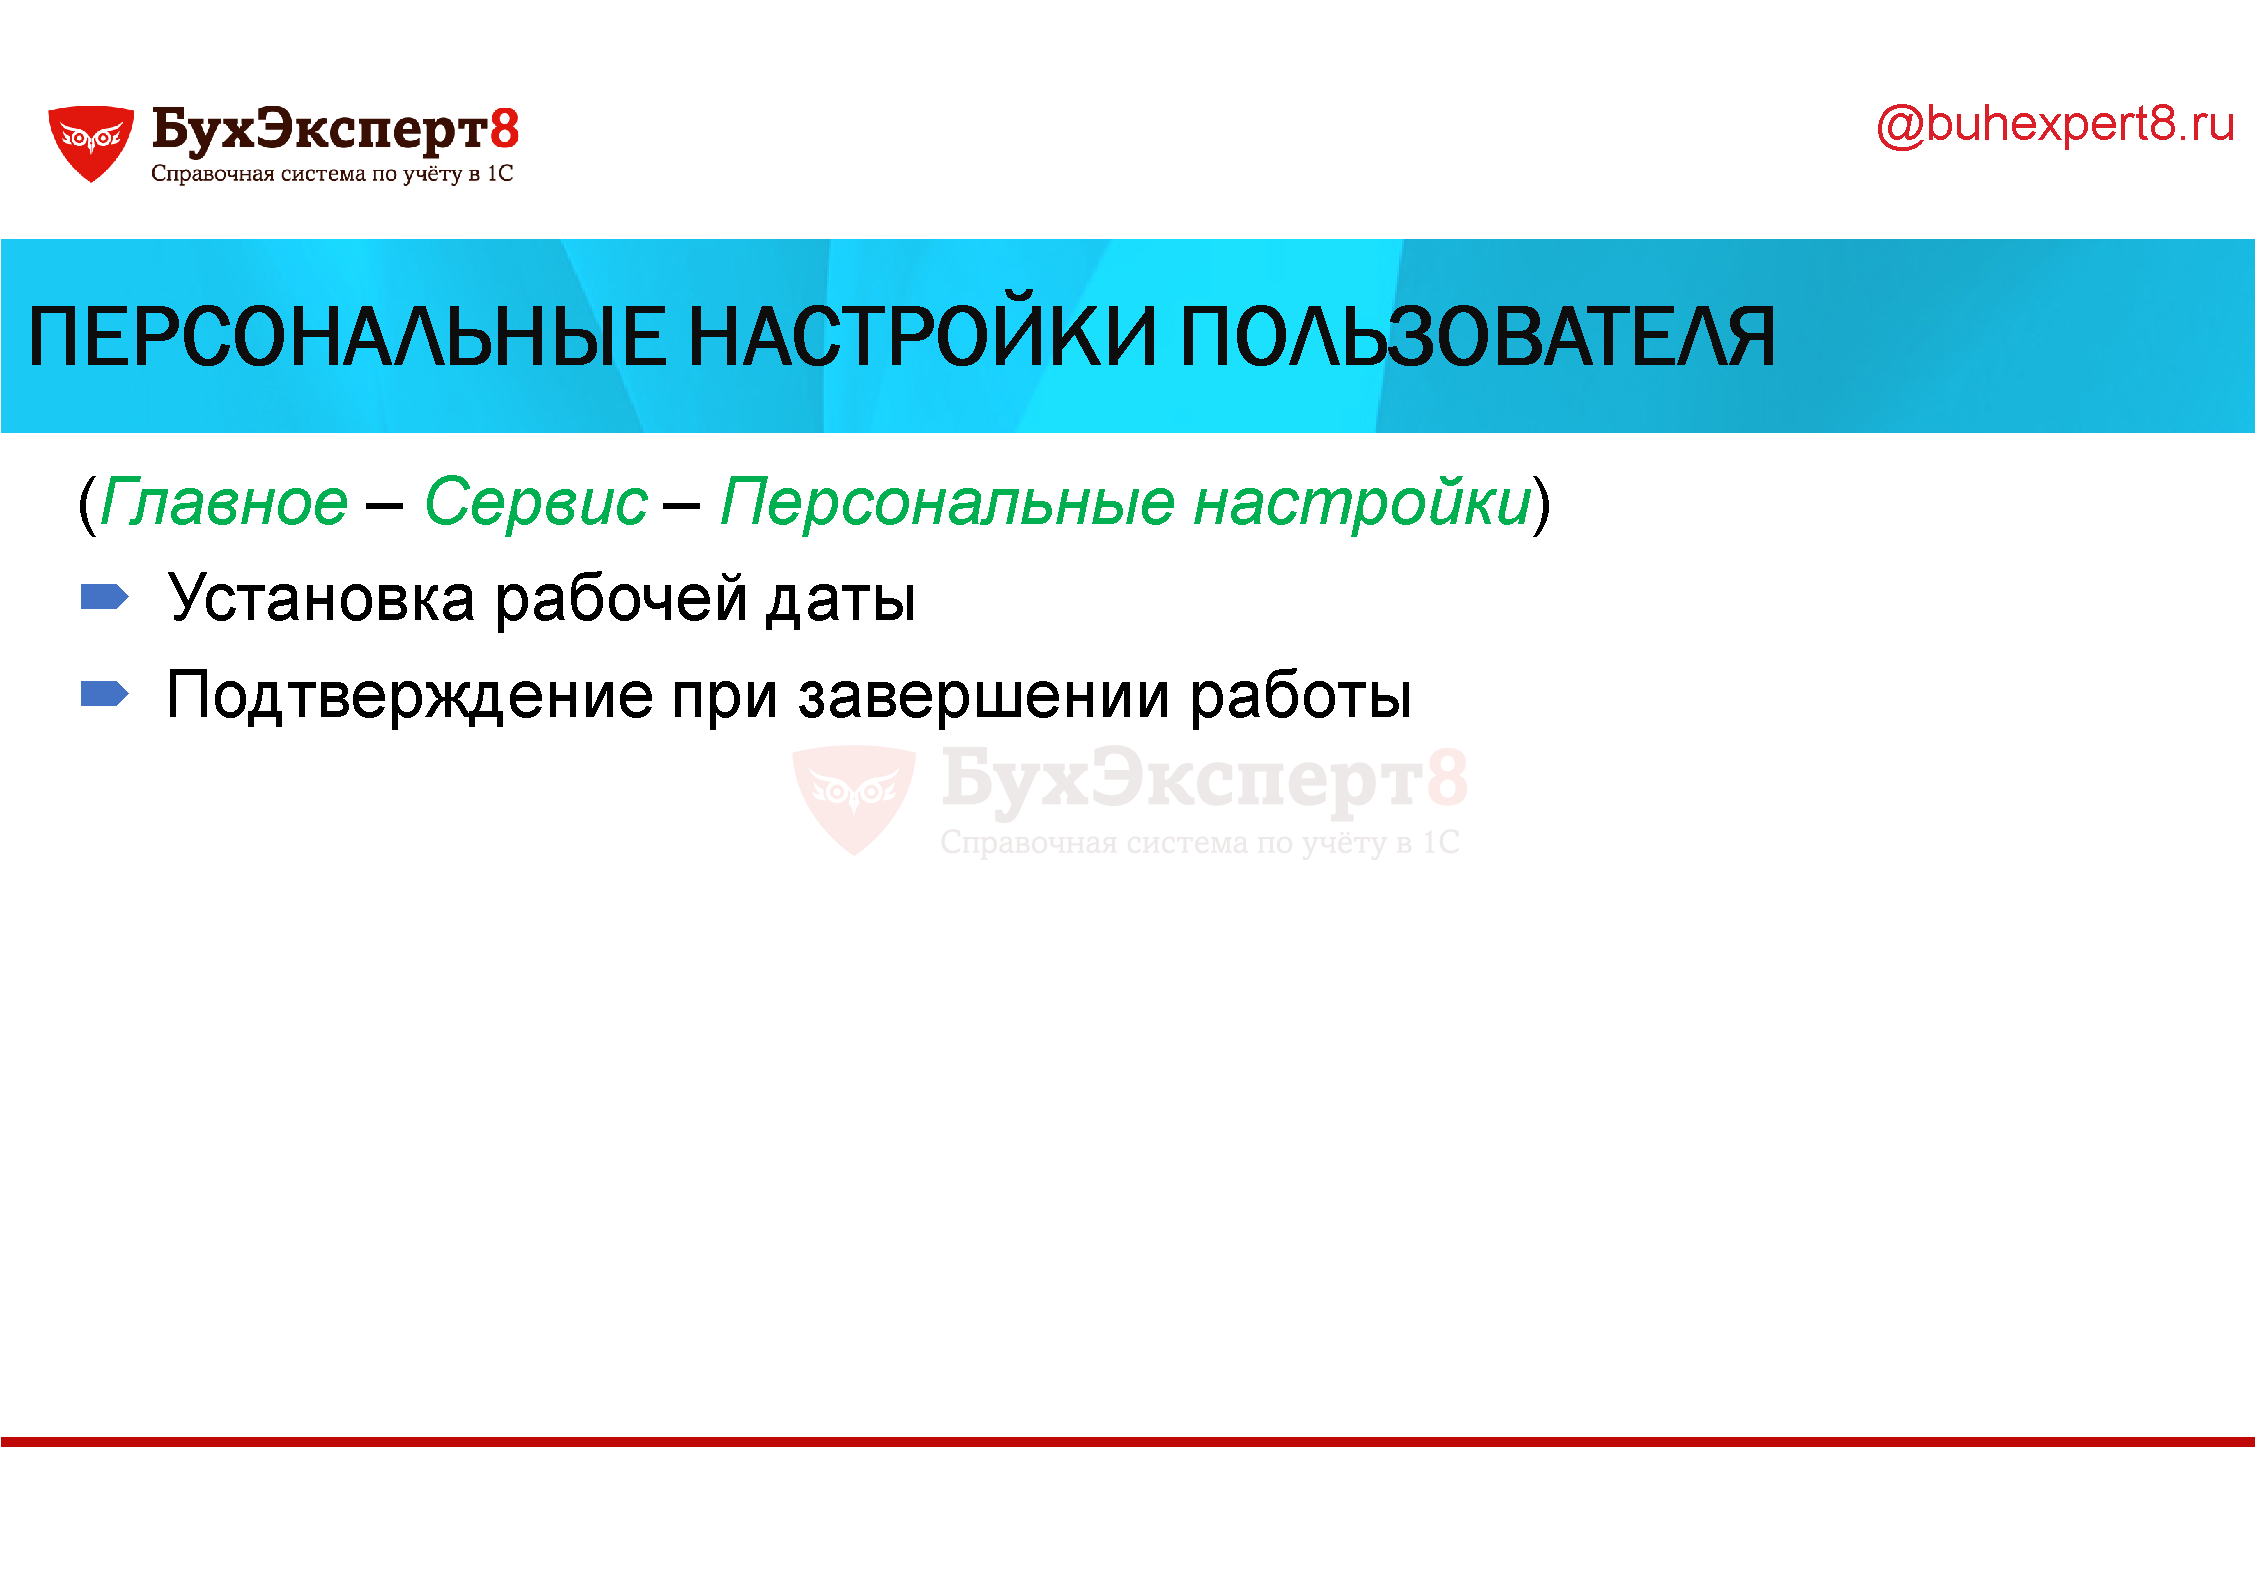 Персональные настройки пользователя (Главное – Сервис – Персональные настройки) Установка рабочей даты Подтверждение при завершении работы